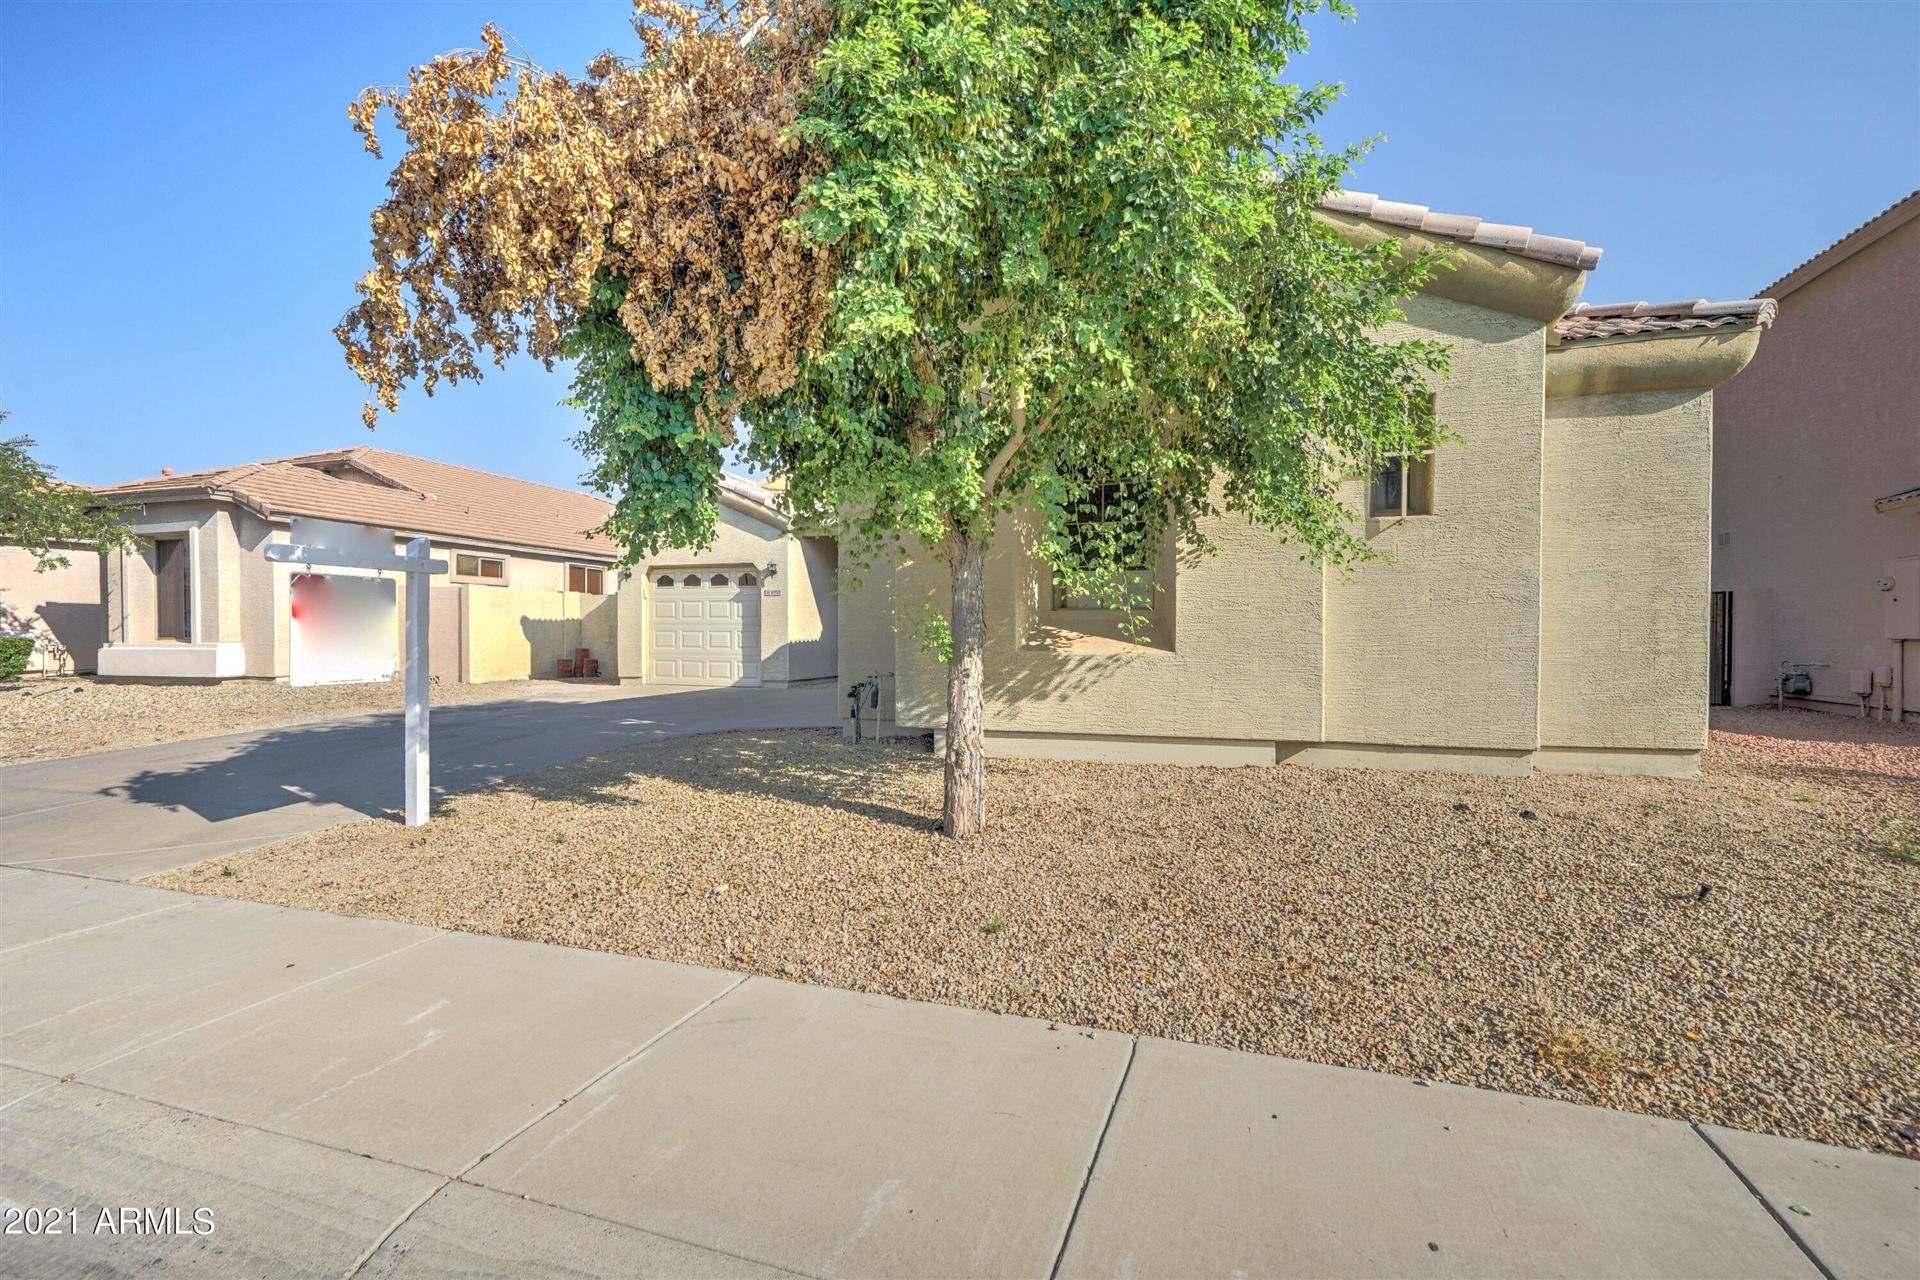 Photo of 10910 W CHASE Drive, Avondale, AZ 85323 (MLS # 6290021)